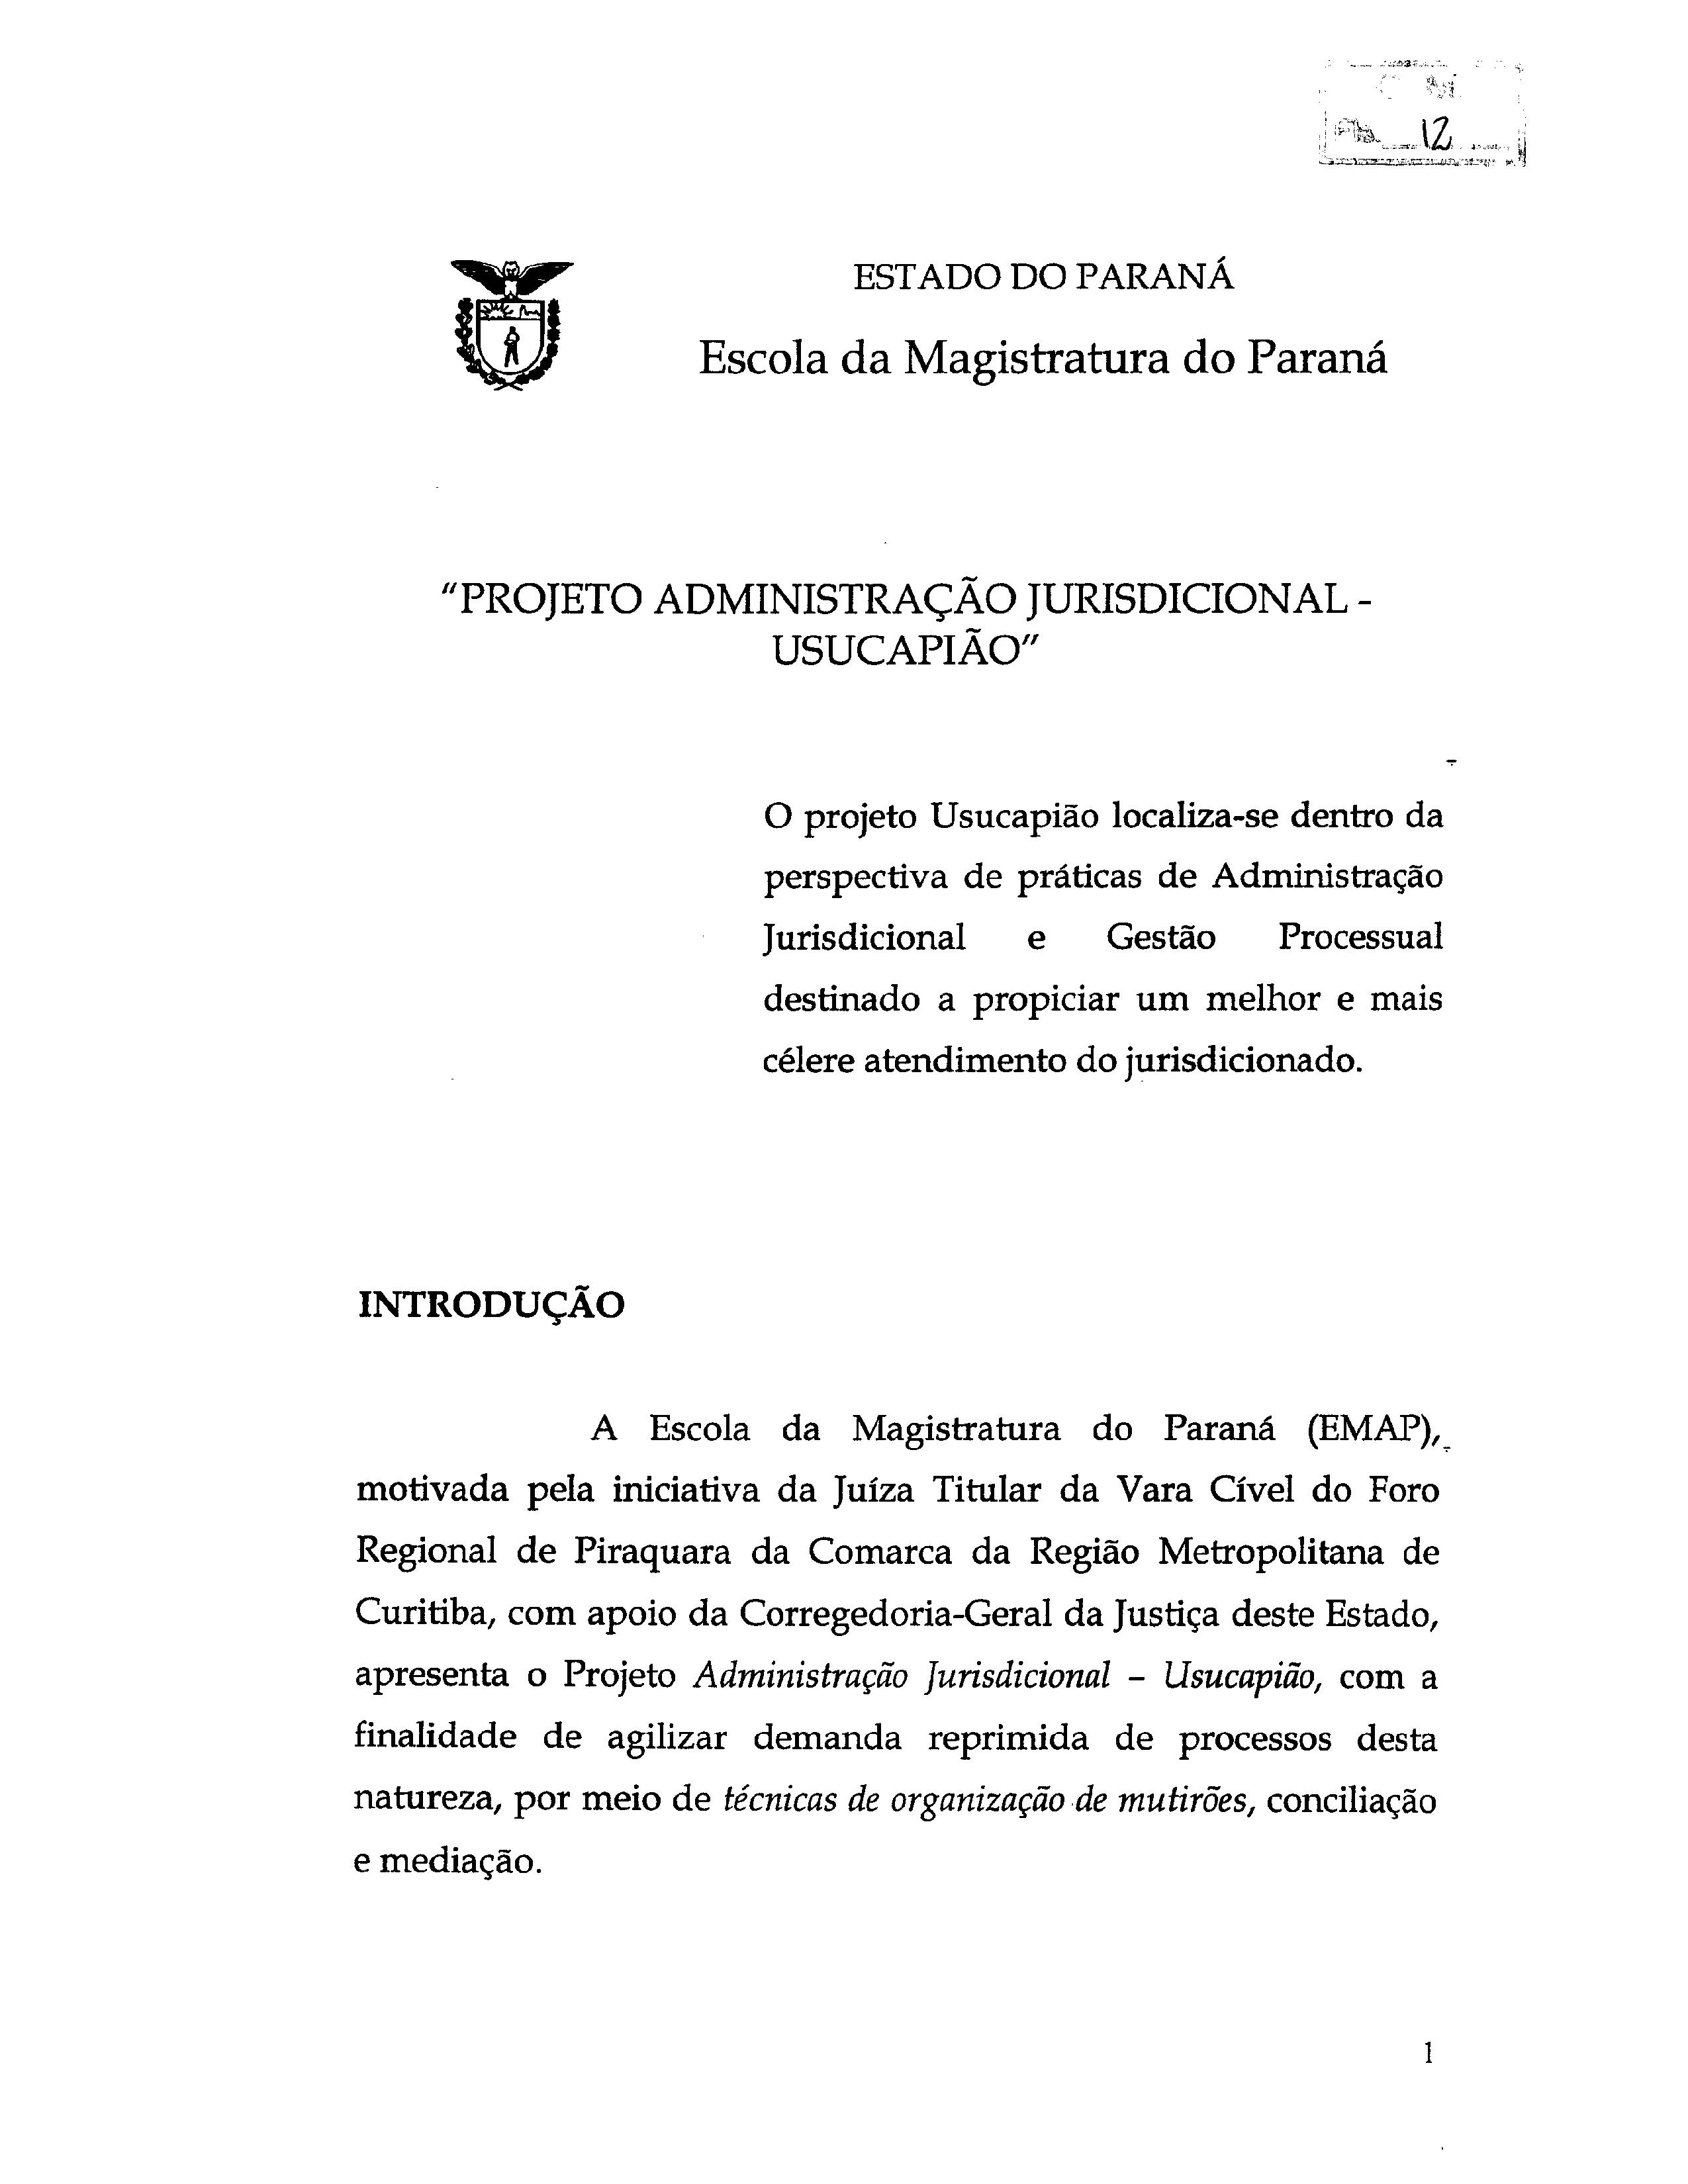 Programa do Projeto de Administração Jurisdicional - Usucapião ...